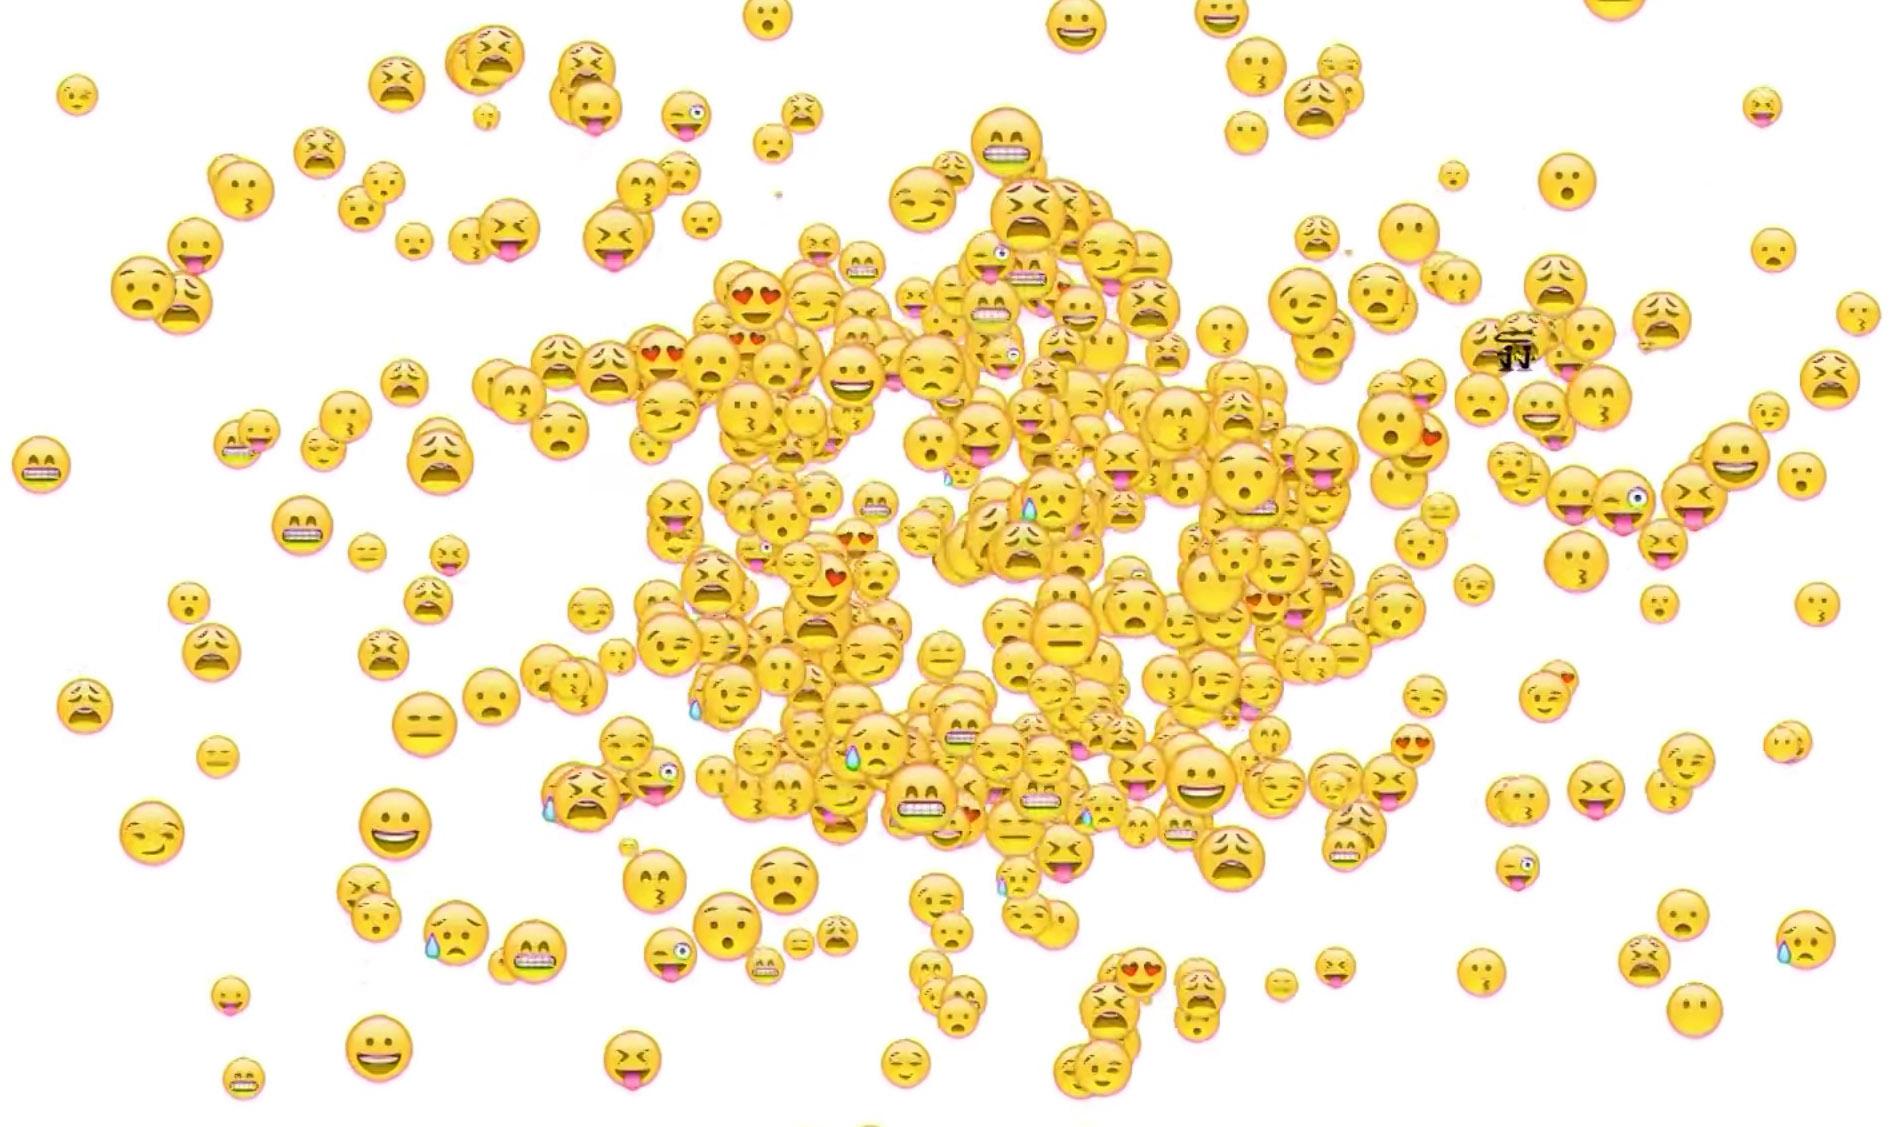 history-of-emoji-moma-ny-1